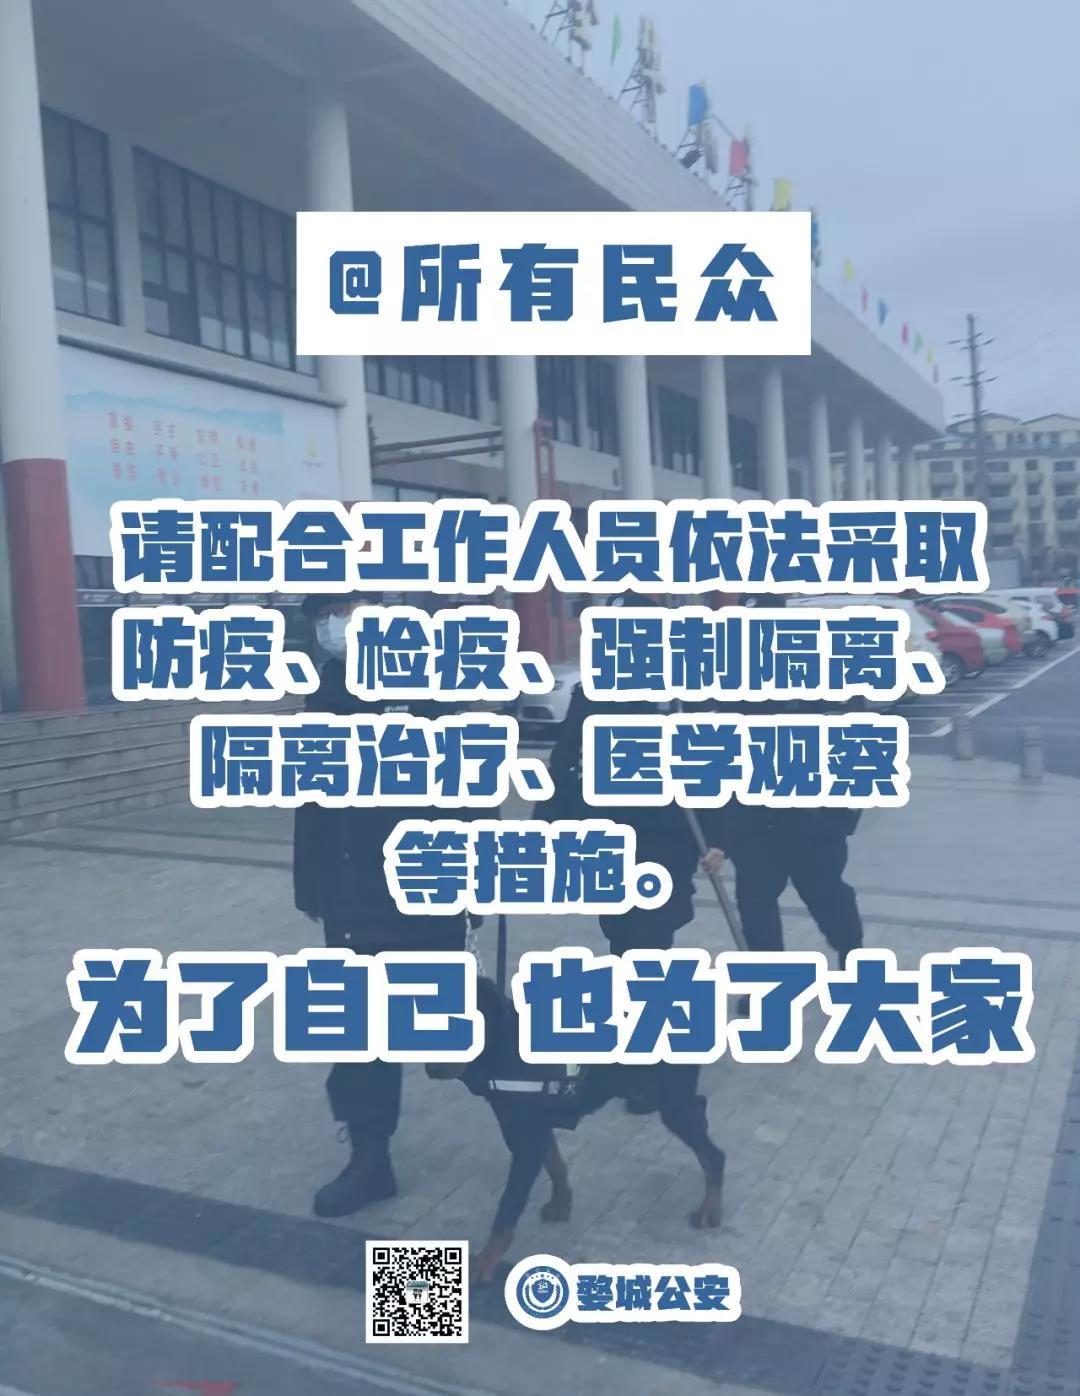 居家隔离不防护外出 浙江一家6口被强制医学观察